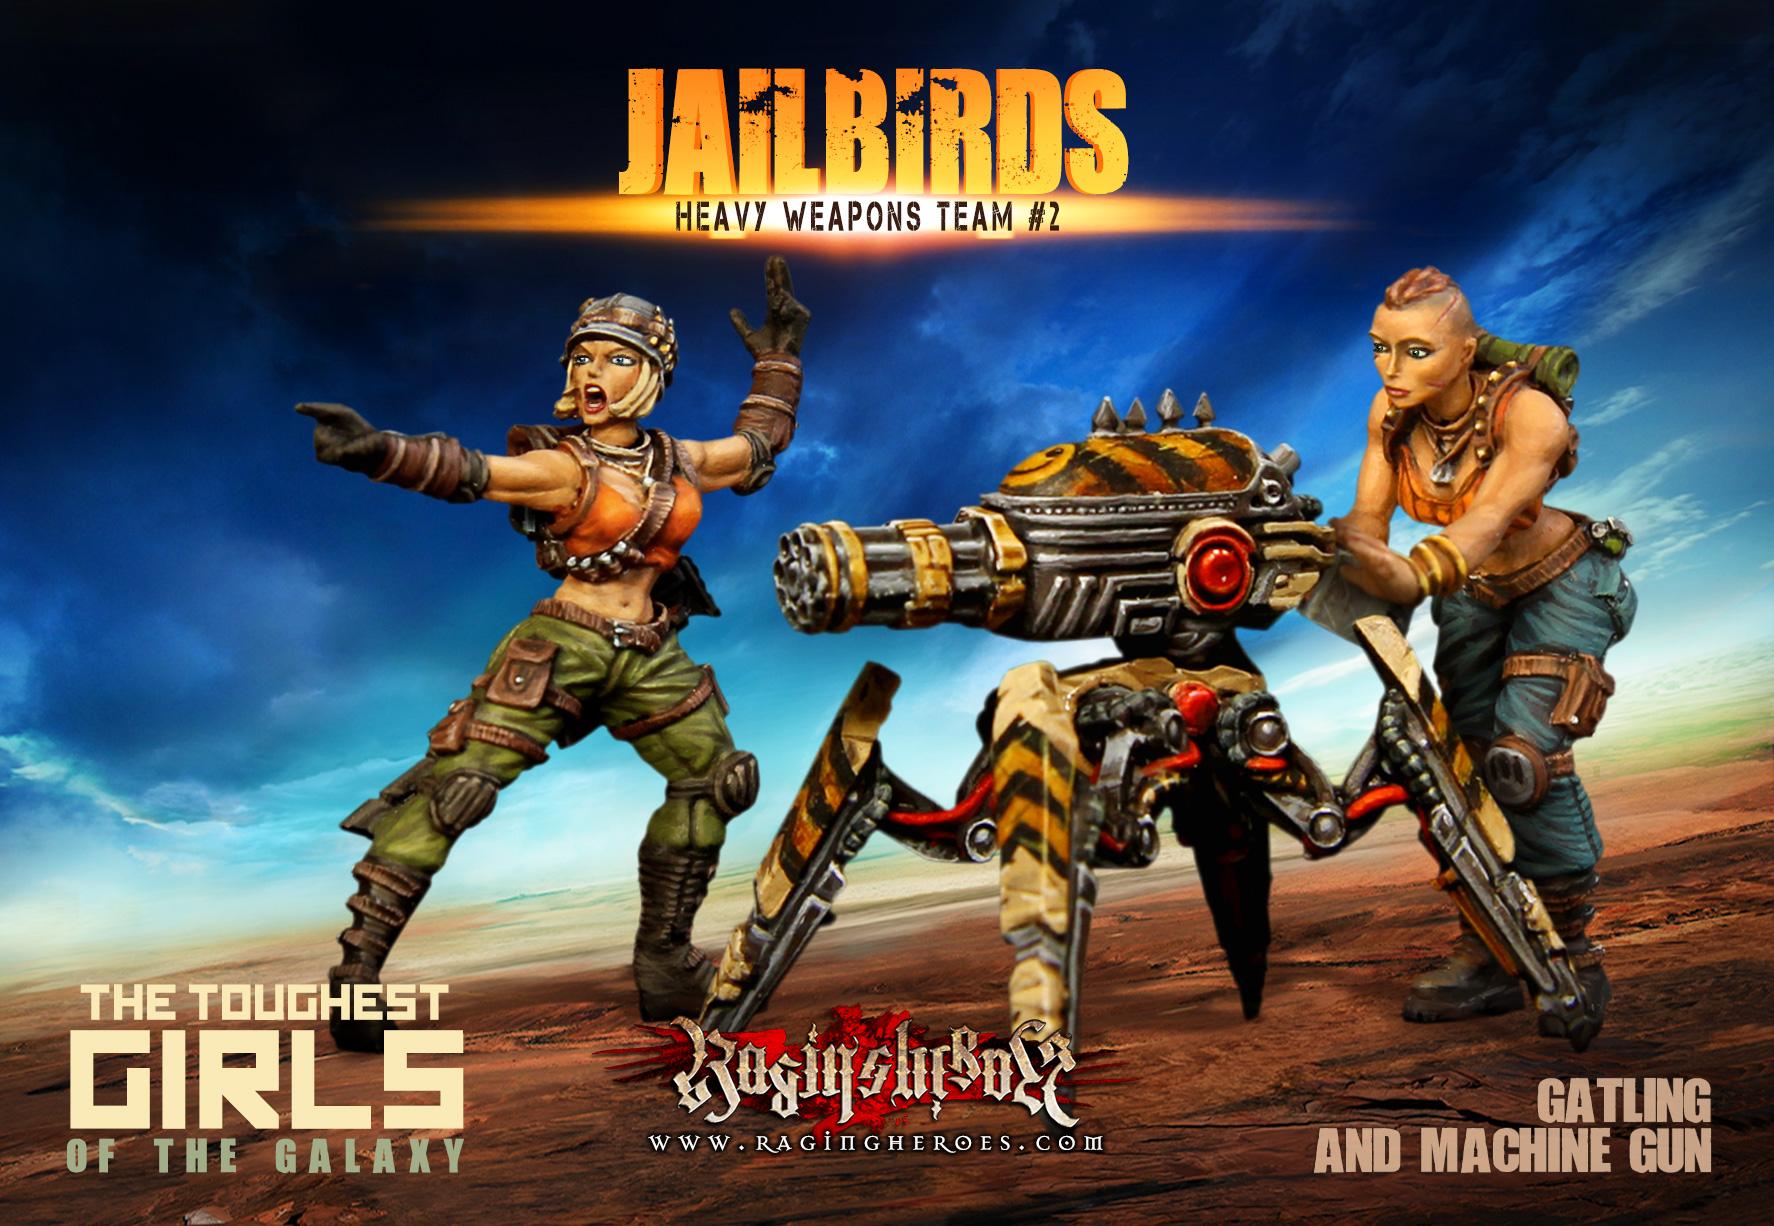 JB-Artillery-#2-V5-WEB-VISUAL